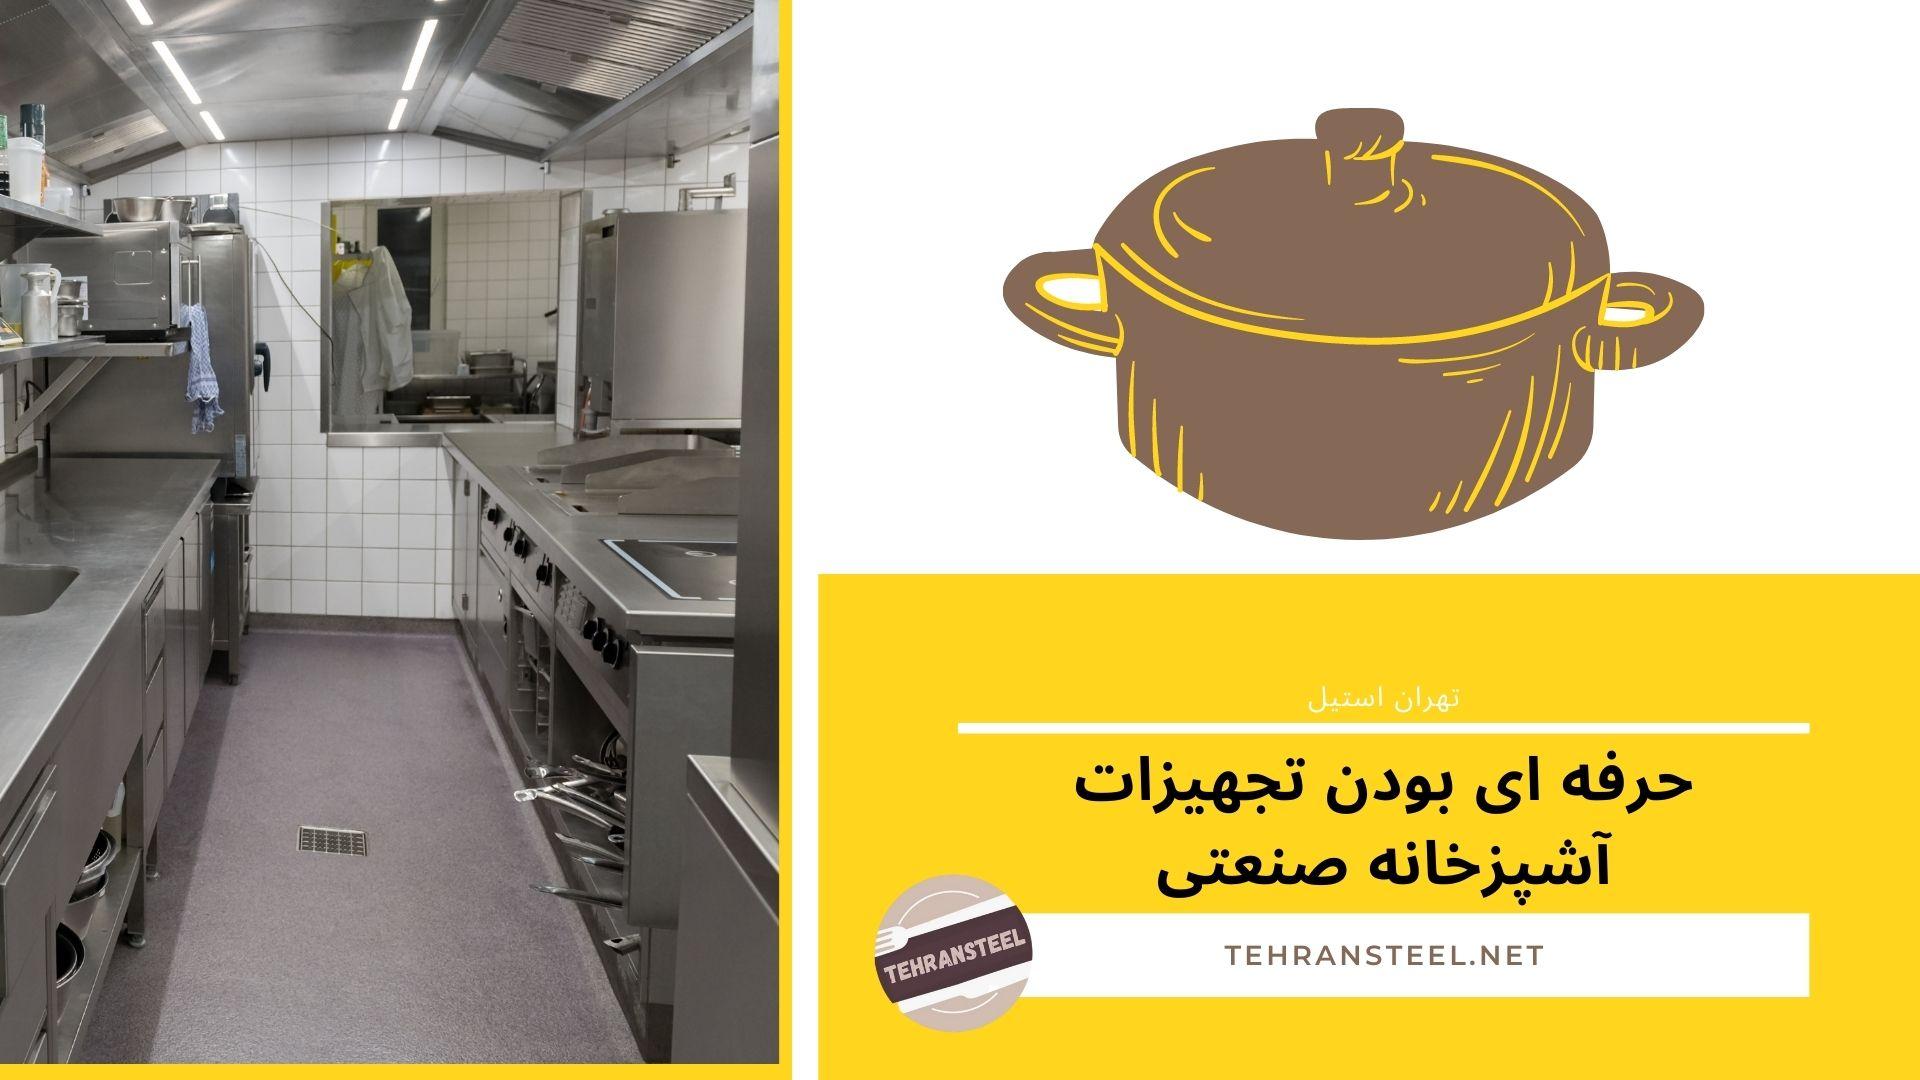 حرفه ای بودن تجهیزات آشپزخانه صنعتی